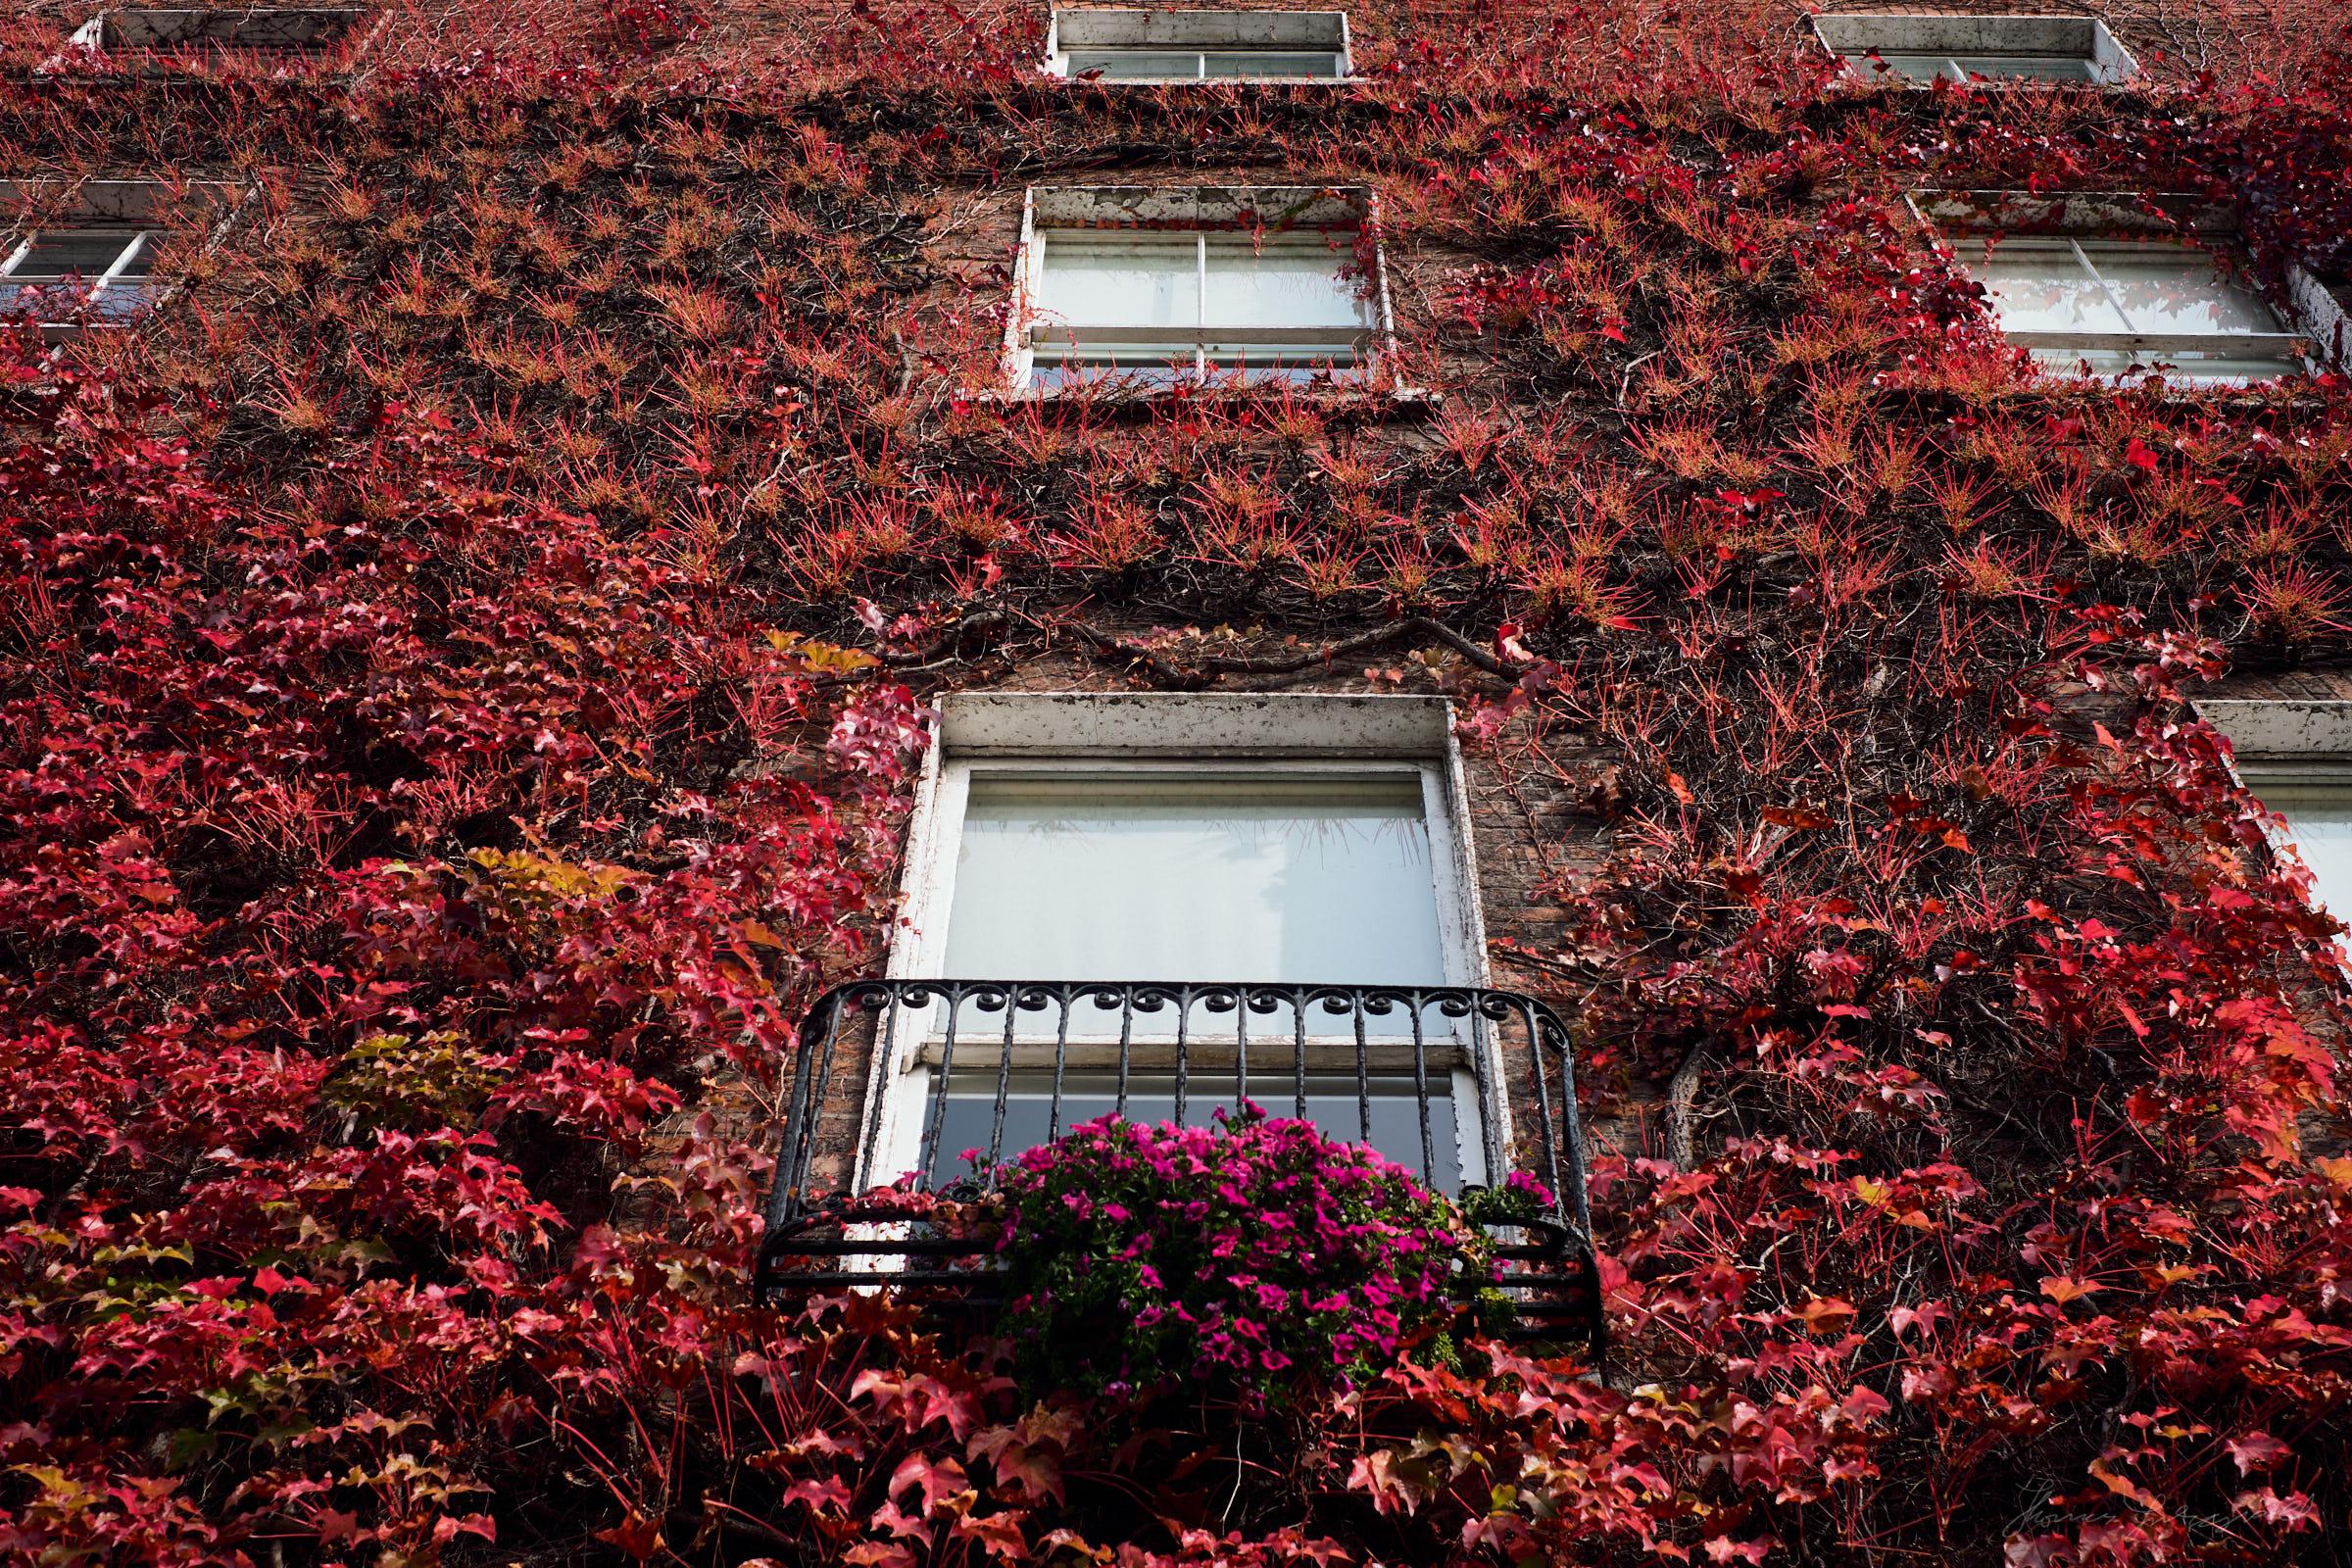 Street-and-park-autumn-380-Jpeg for Web.jpg